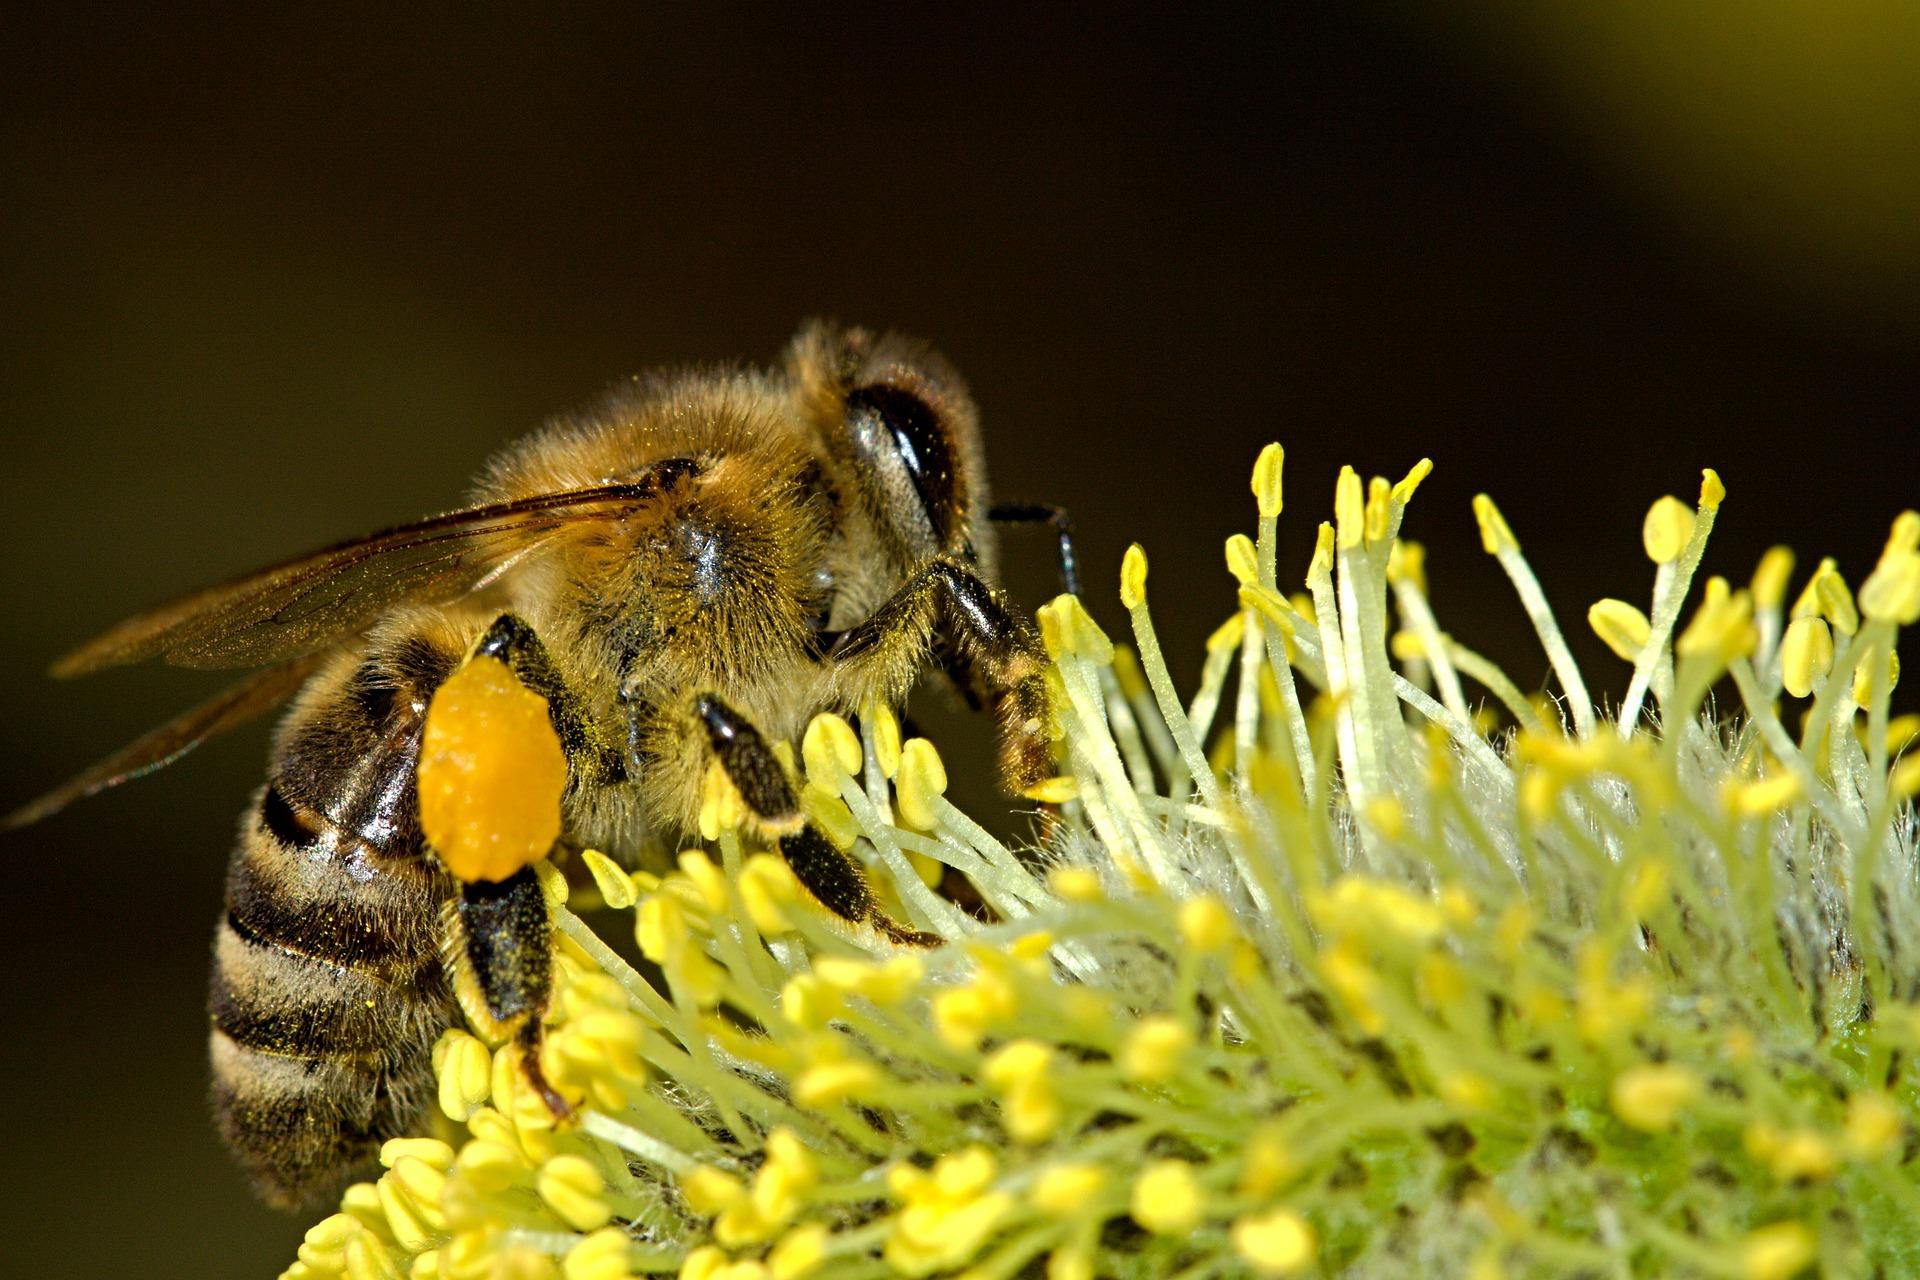 bees-18192_1920.jpg